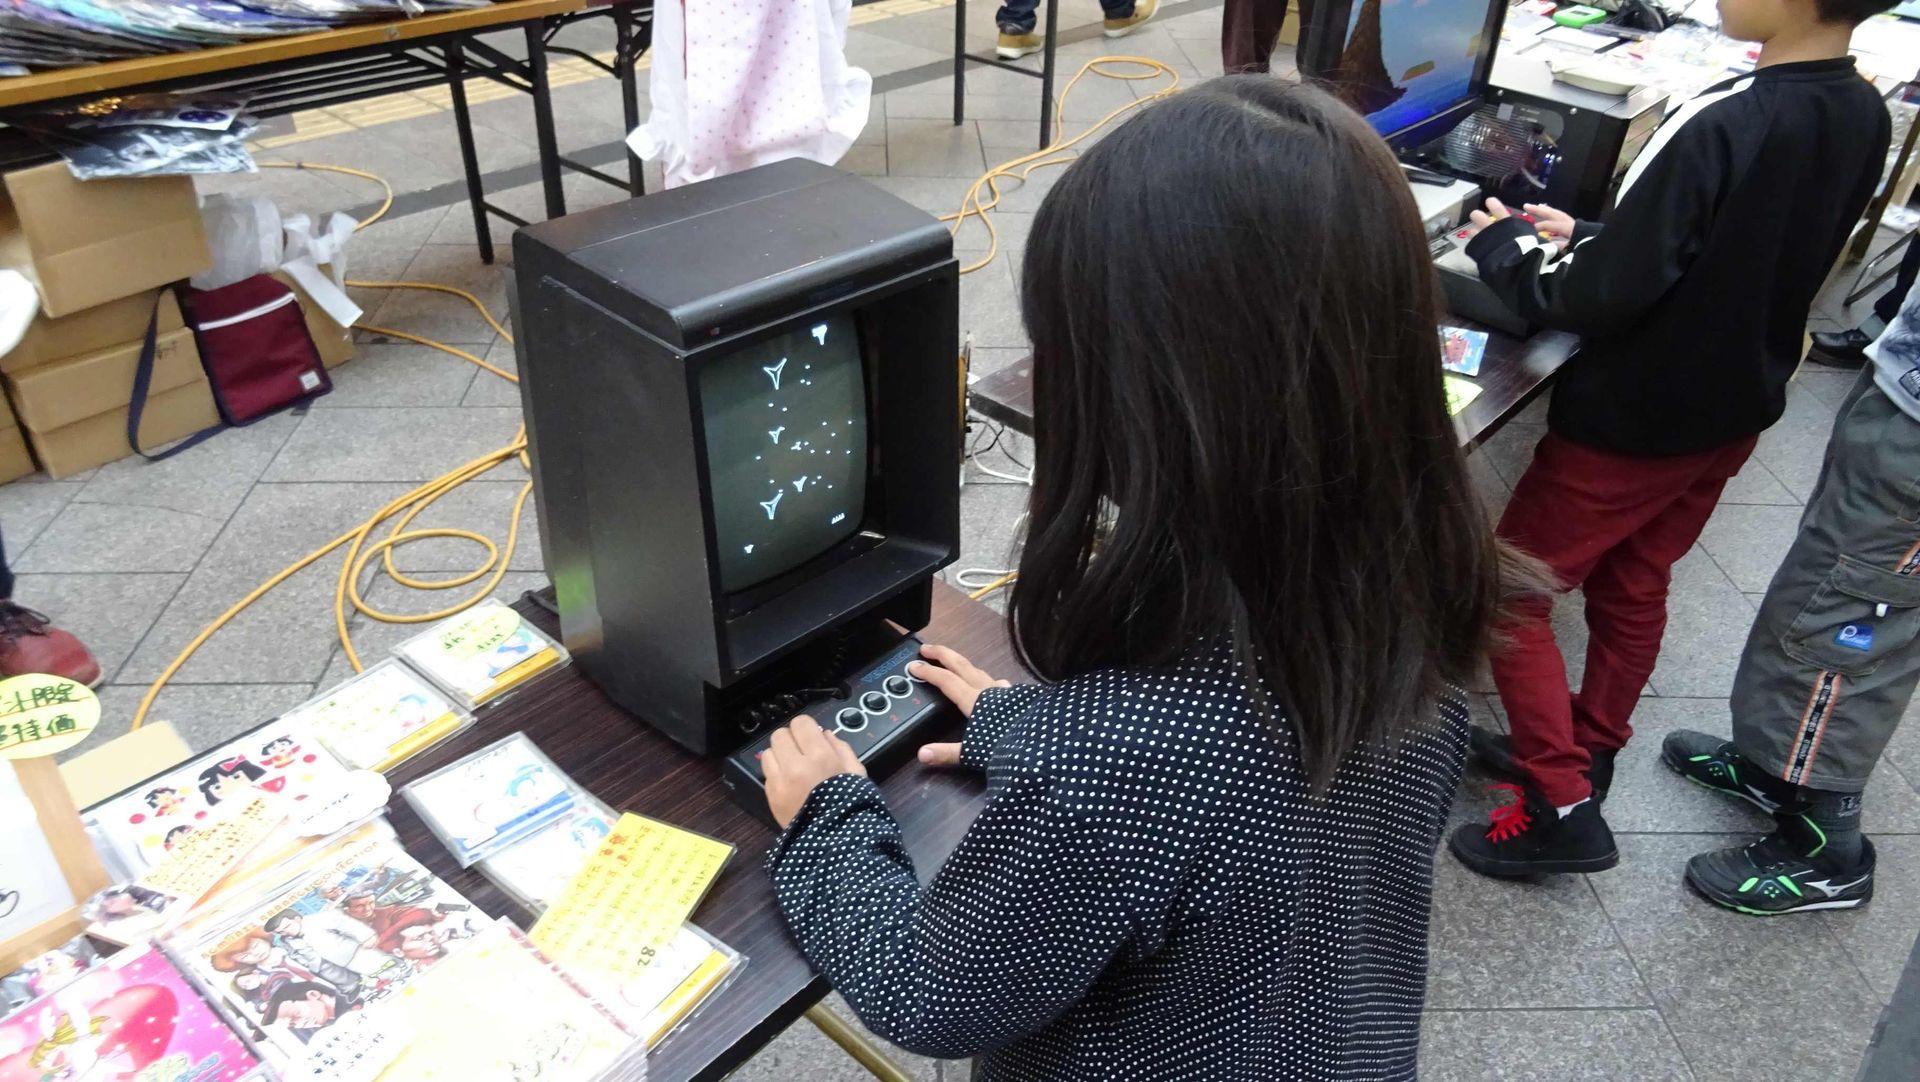 筆者も知らない卓上型ゲーム機。ゲームの内容はおそらく「アステロイド」